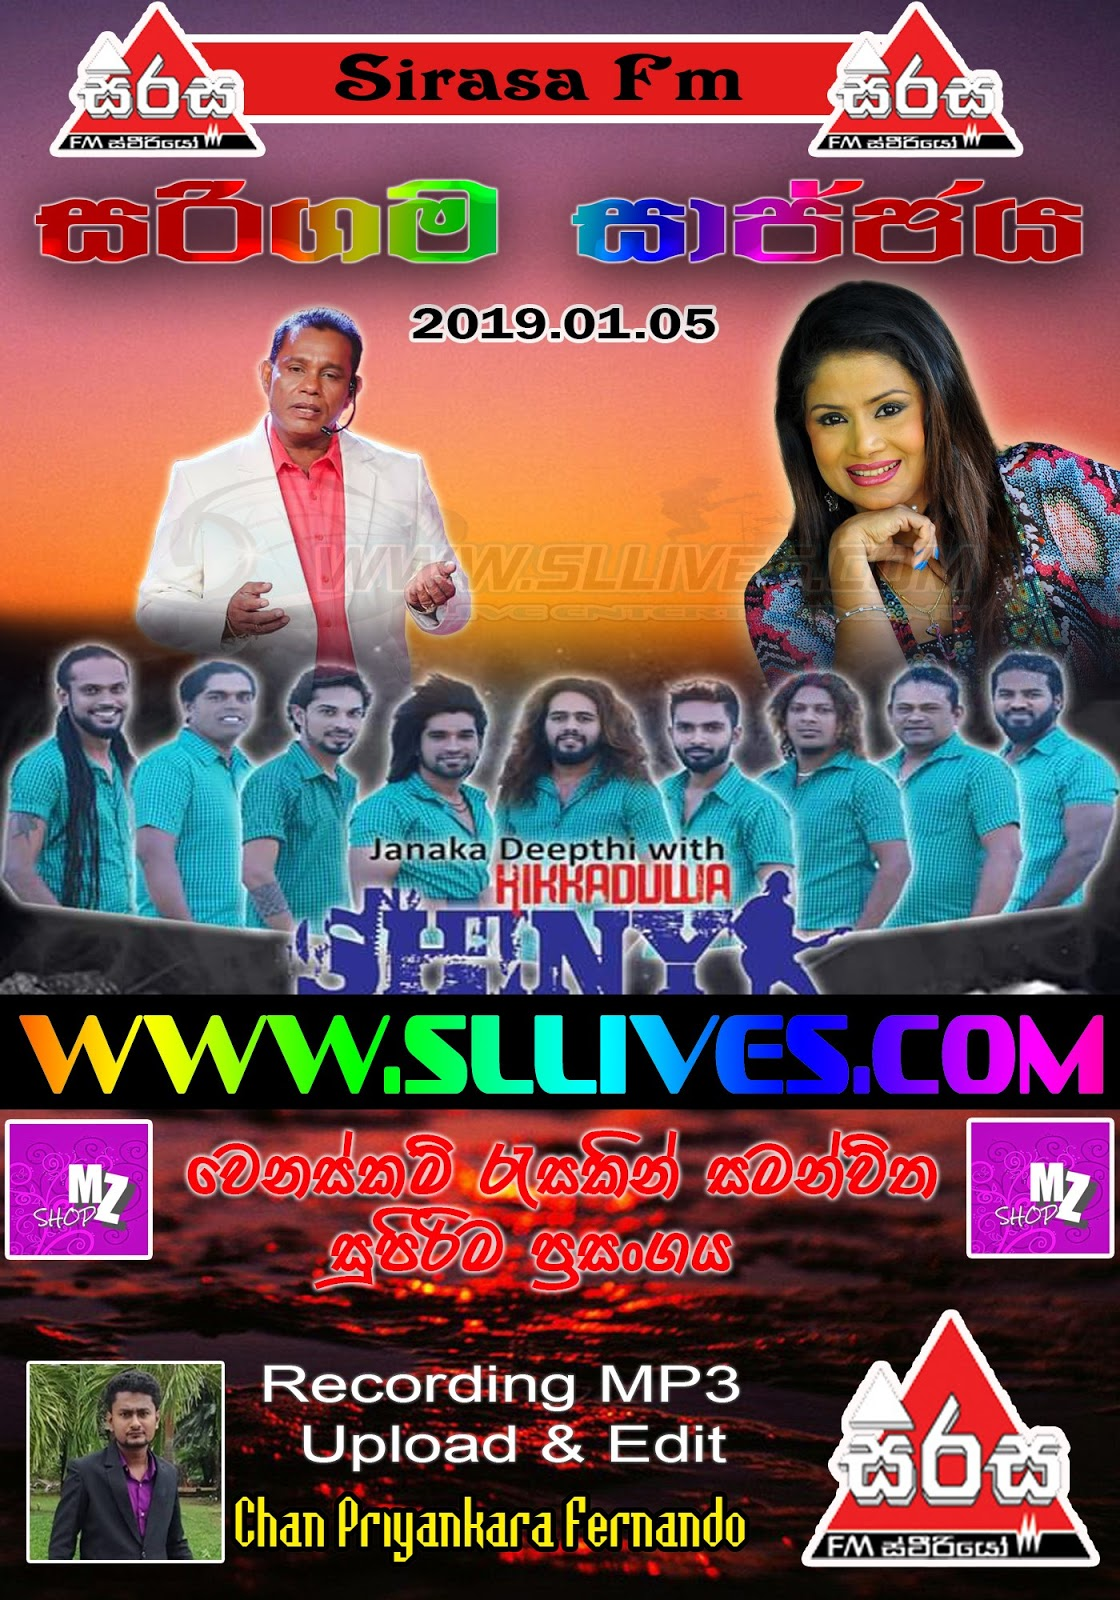 SIRASA FM SARIGAMA SAJJE WITH HIKKADUWA SHINY 2019-01-05